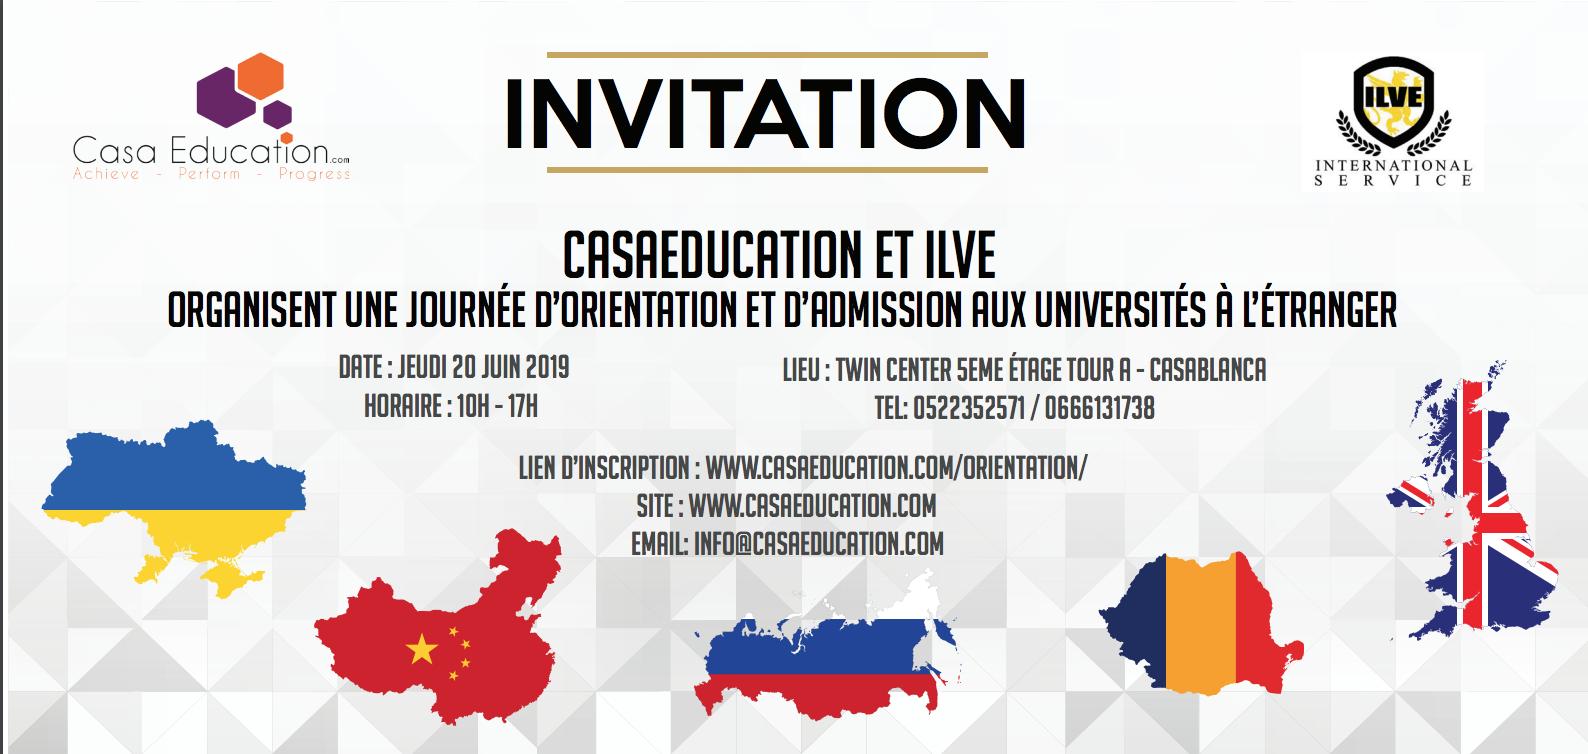 Invitation Event - Casaeducation